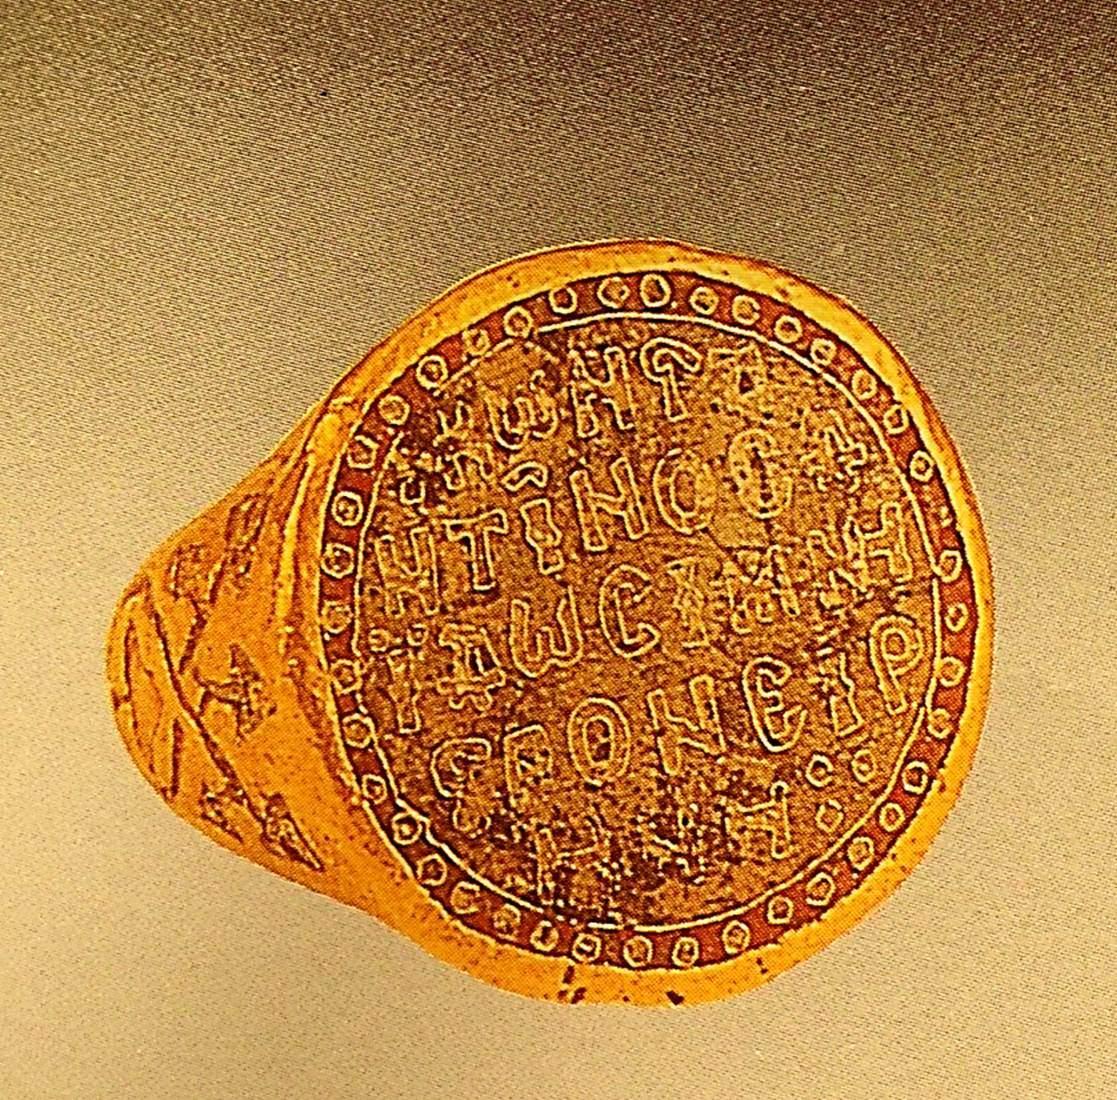 """12. yüzyıl sonu, 13. yüzyıl başına tarihlenen bu altın yüzük, İstanbul Arkeoloji Müzeleri'nin yeni binasının yapımı sırasında bulunmuştur. Üzerindeki yazıda, """"Konstantin İrene 'ye yüzükle evlenme teklif etti"""" yazmaktadır. Yüzüğün yan kısmındaki süslemelerin önceleri mineli olduğu düşünülmektedir. İstanbul Arkeoloji Müzeleri. Fotoğraf: Füsun Kavrakoğlu"""